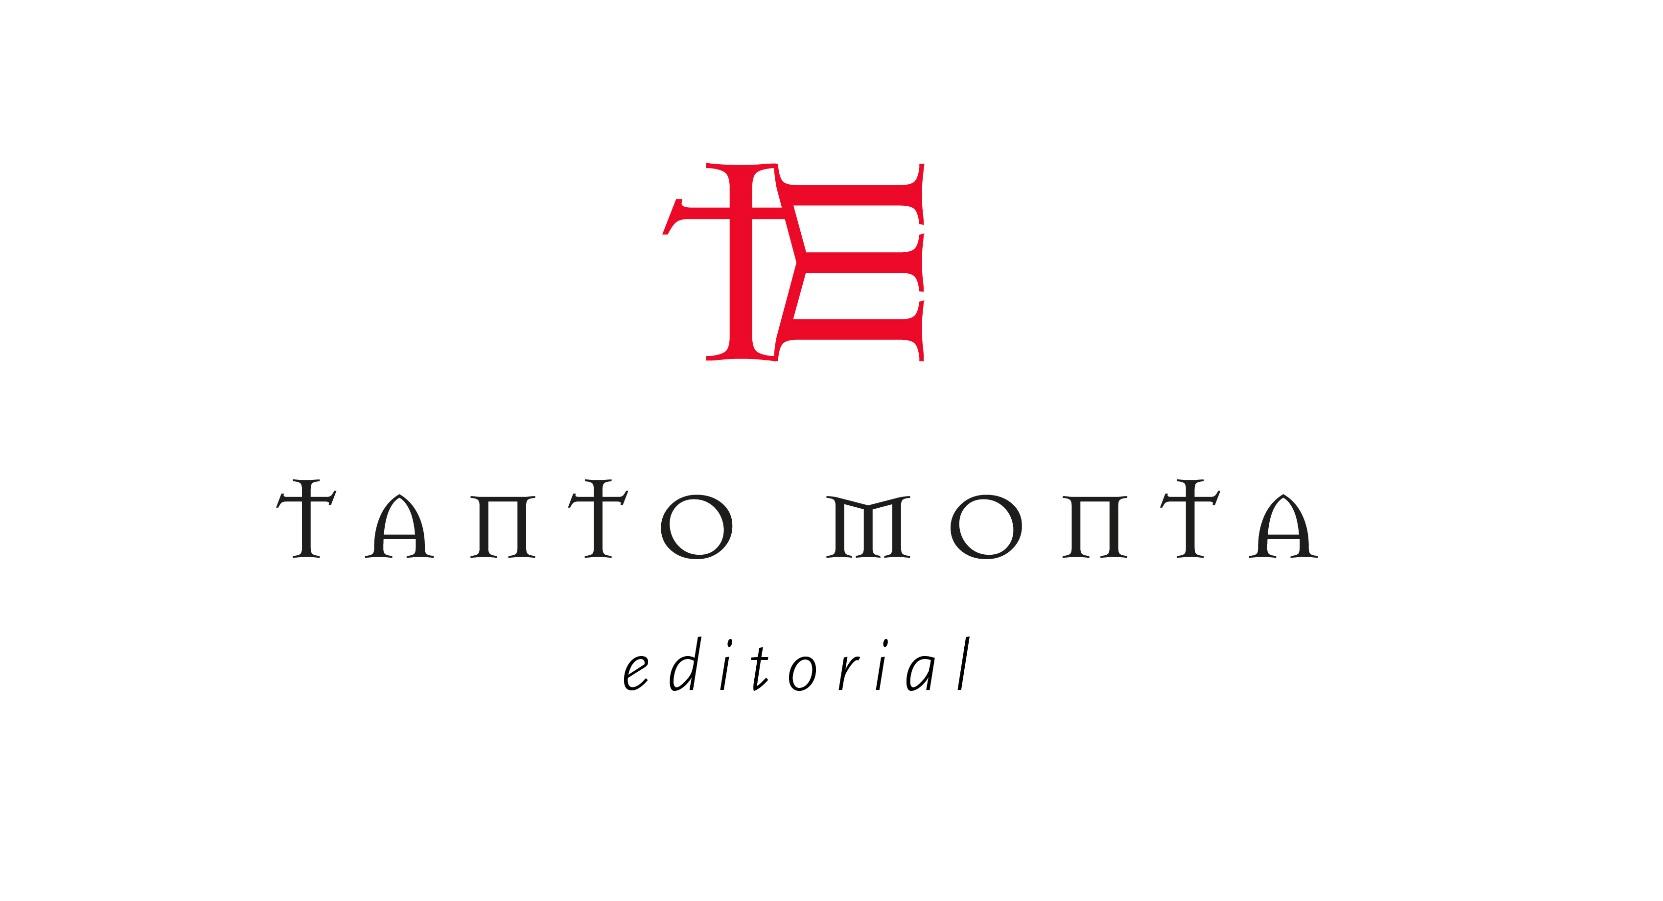 Editorial Tanto Monta